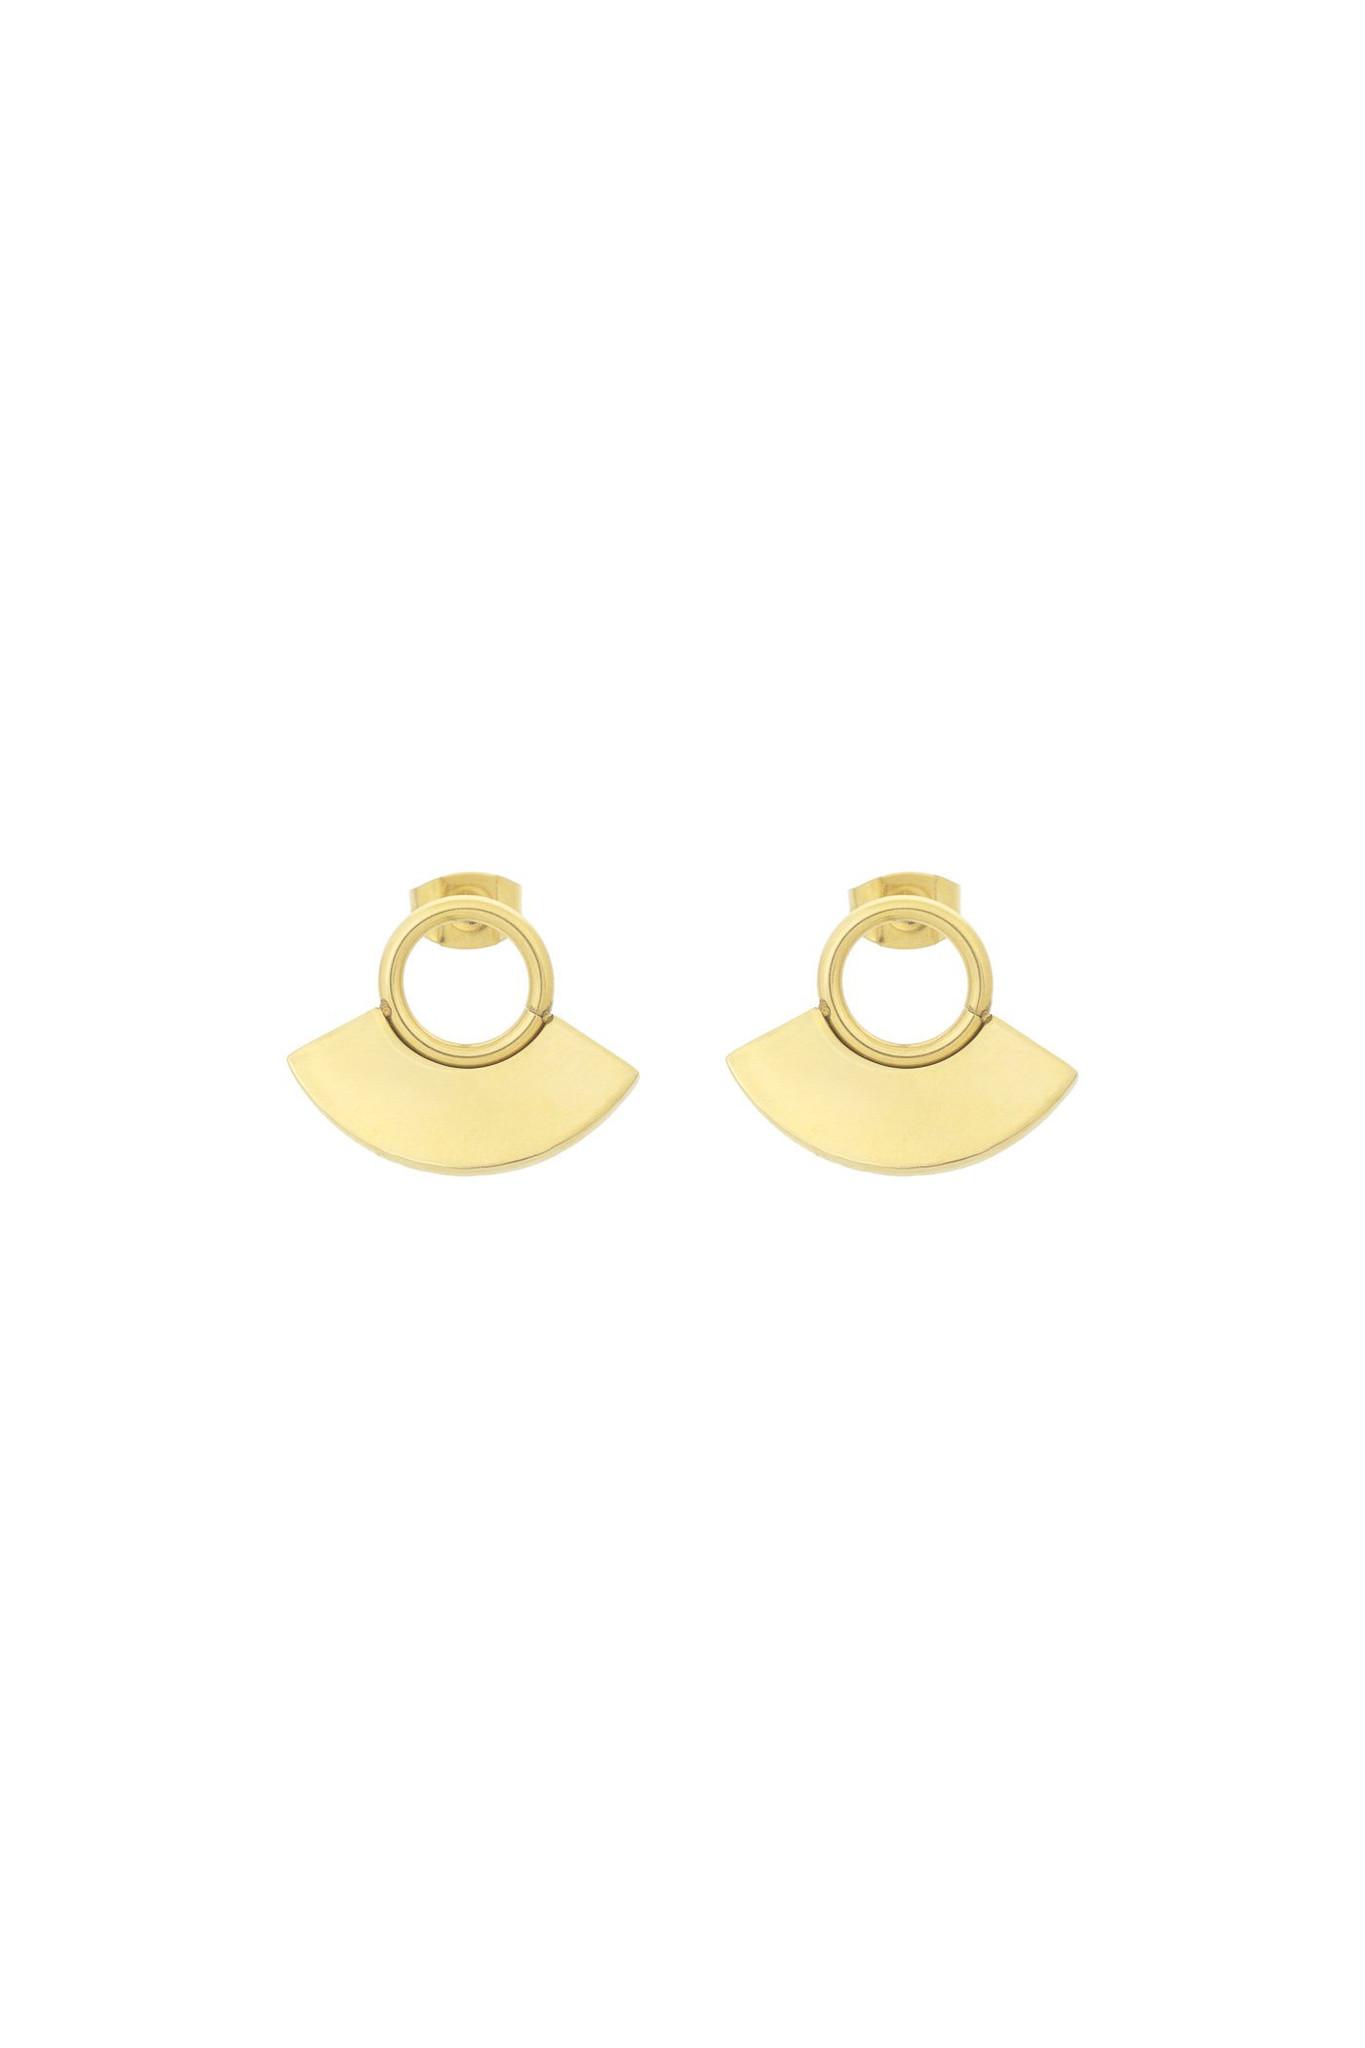 Moonsun Earrings - Gold-1